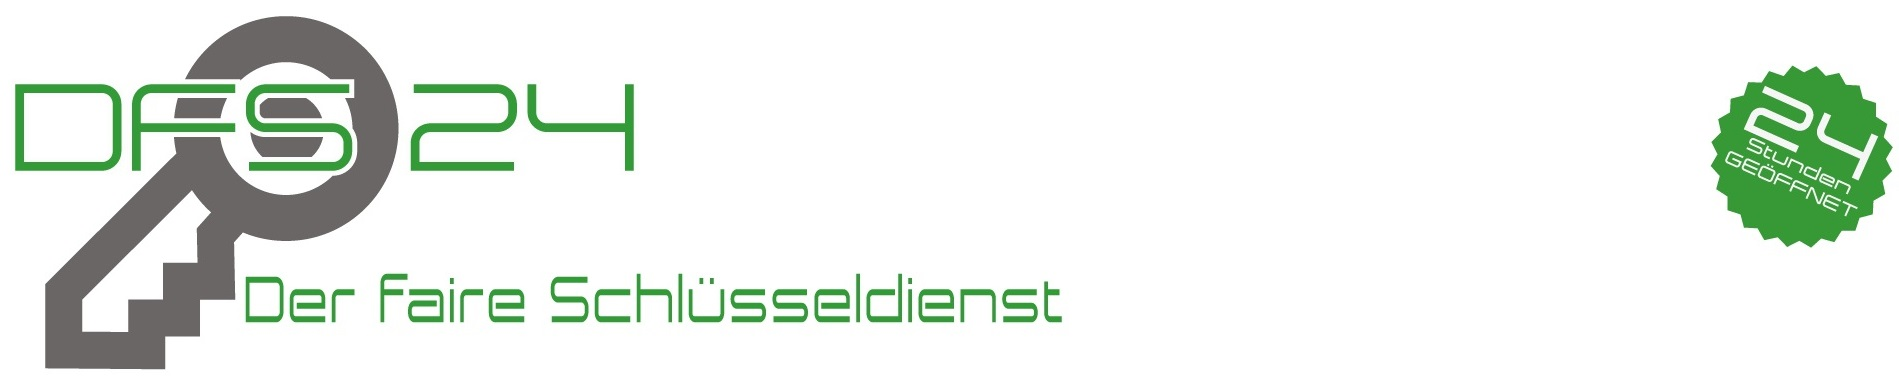 schlüsseldienst marl logo